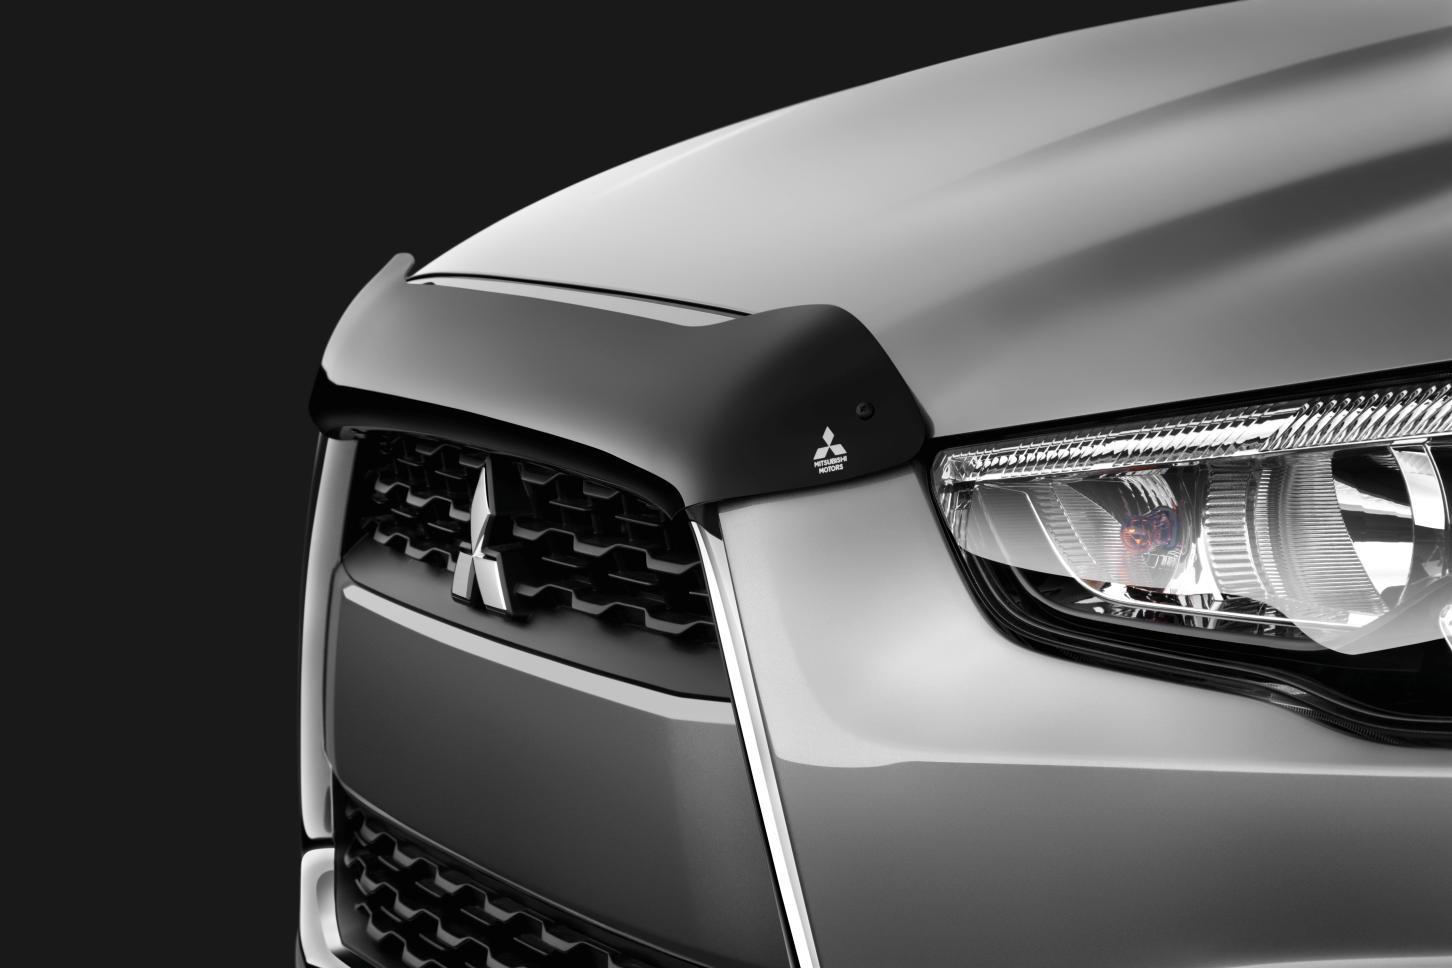 2015 Mitsubishi Outlander Sport Accessories Mitsubishi Outlander Gt Outlander Sport Mitsubishi Outlander